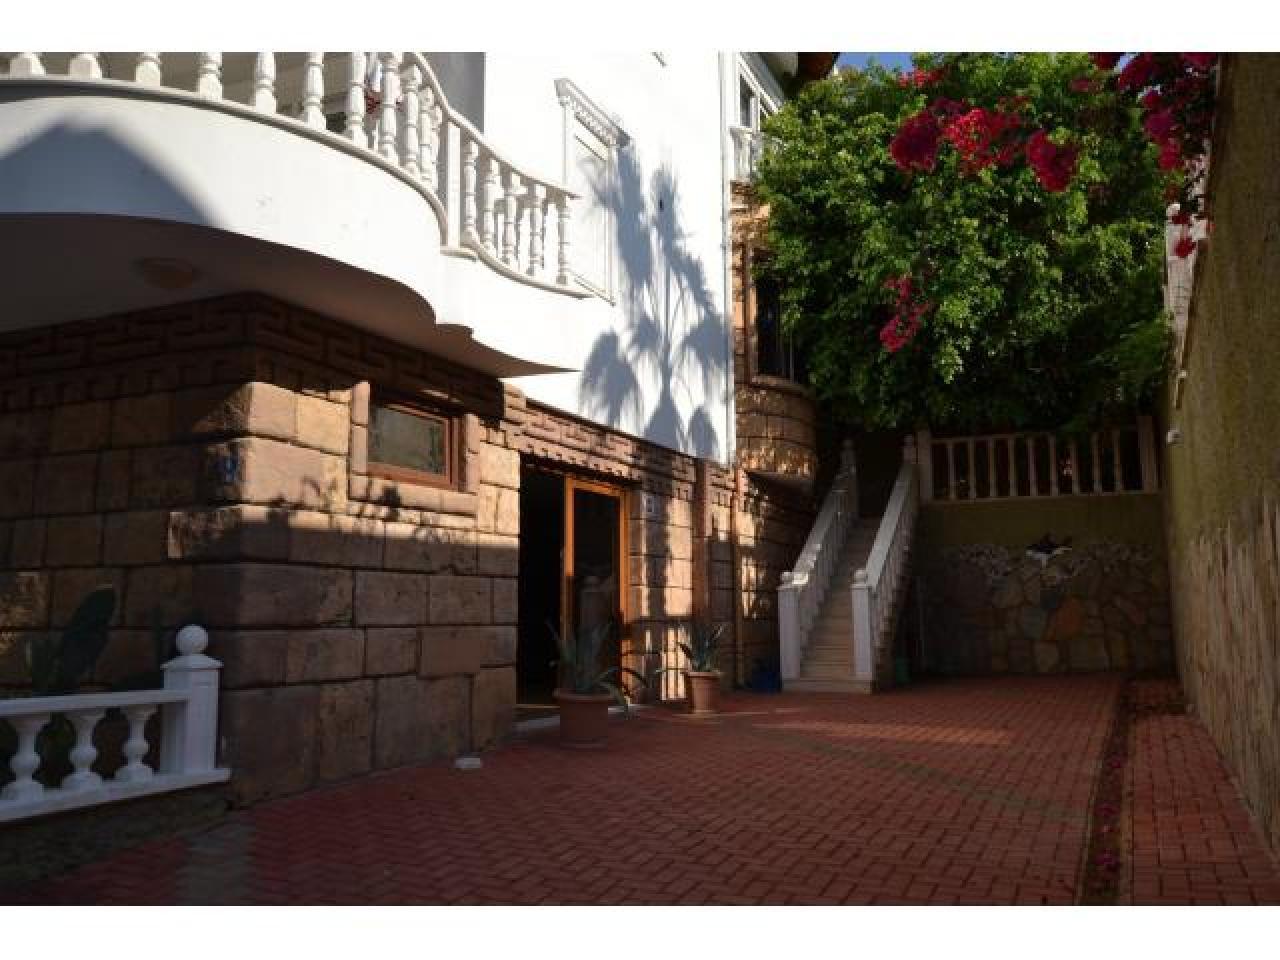 Вилла 5+1 от хозяина в АЛАНИИ ТУРЦИЯ без агентства скидка 75 000 € 6 комнат 4 этажа , бассейн , 1600 - 4